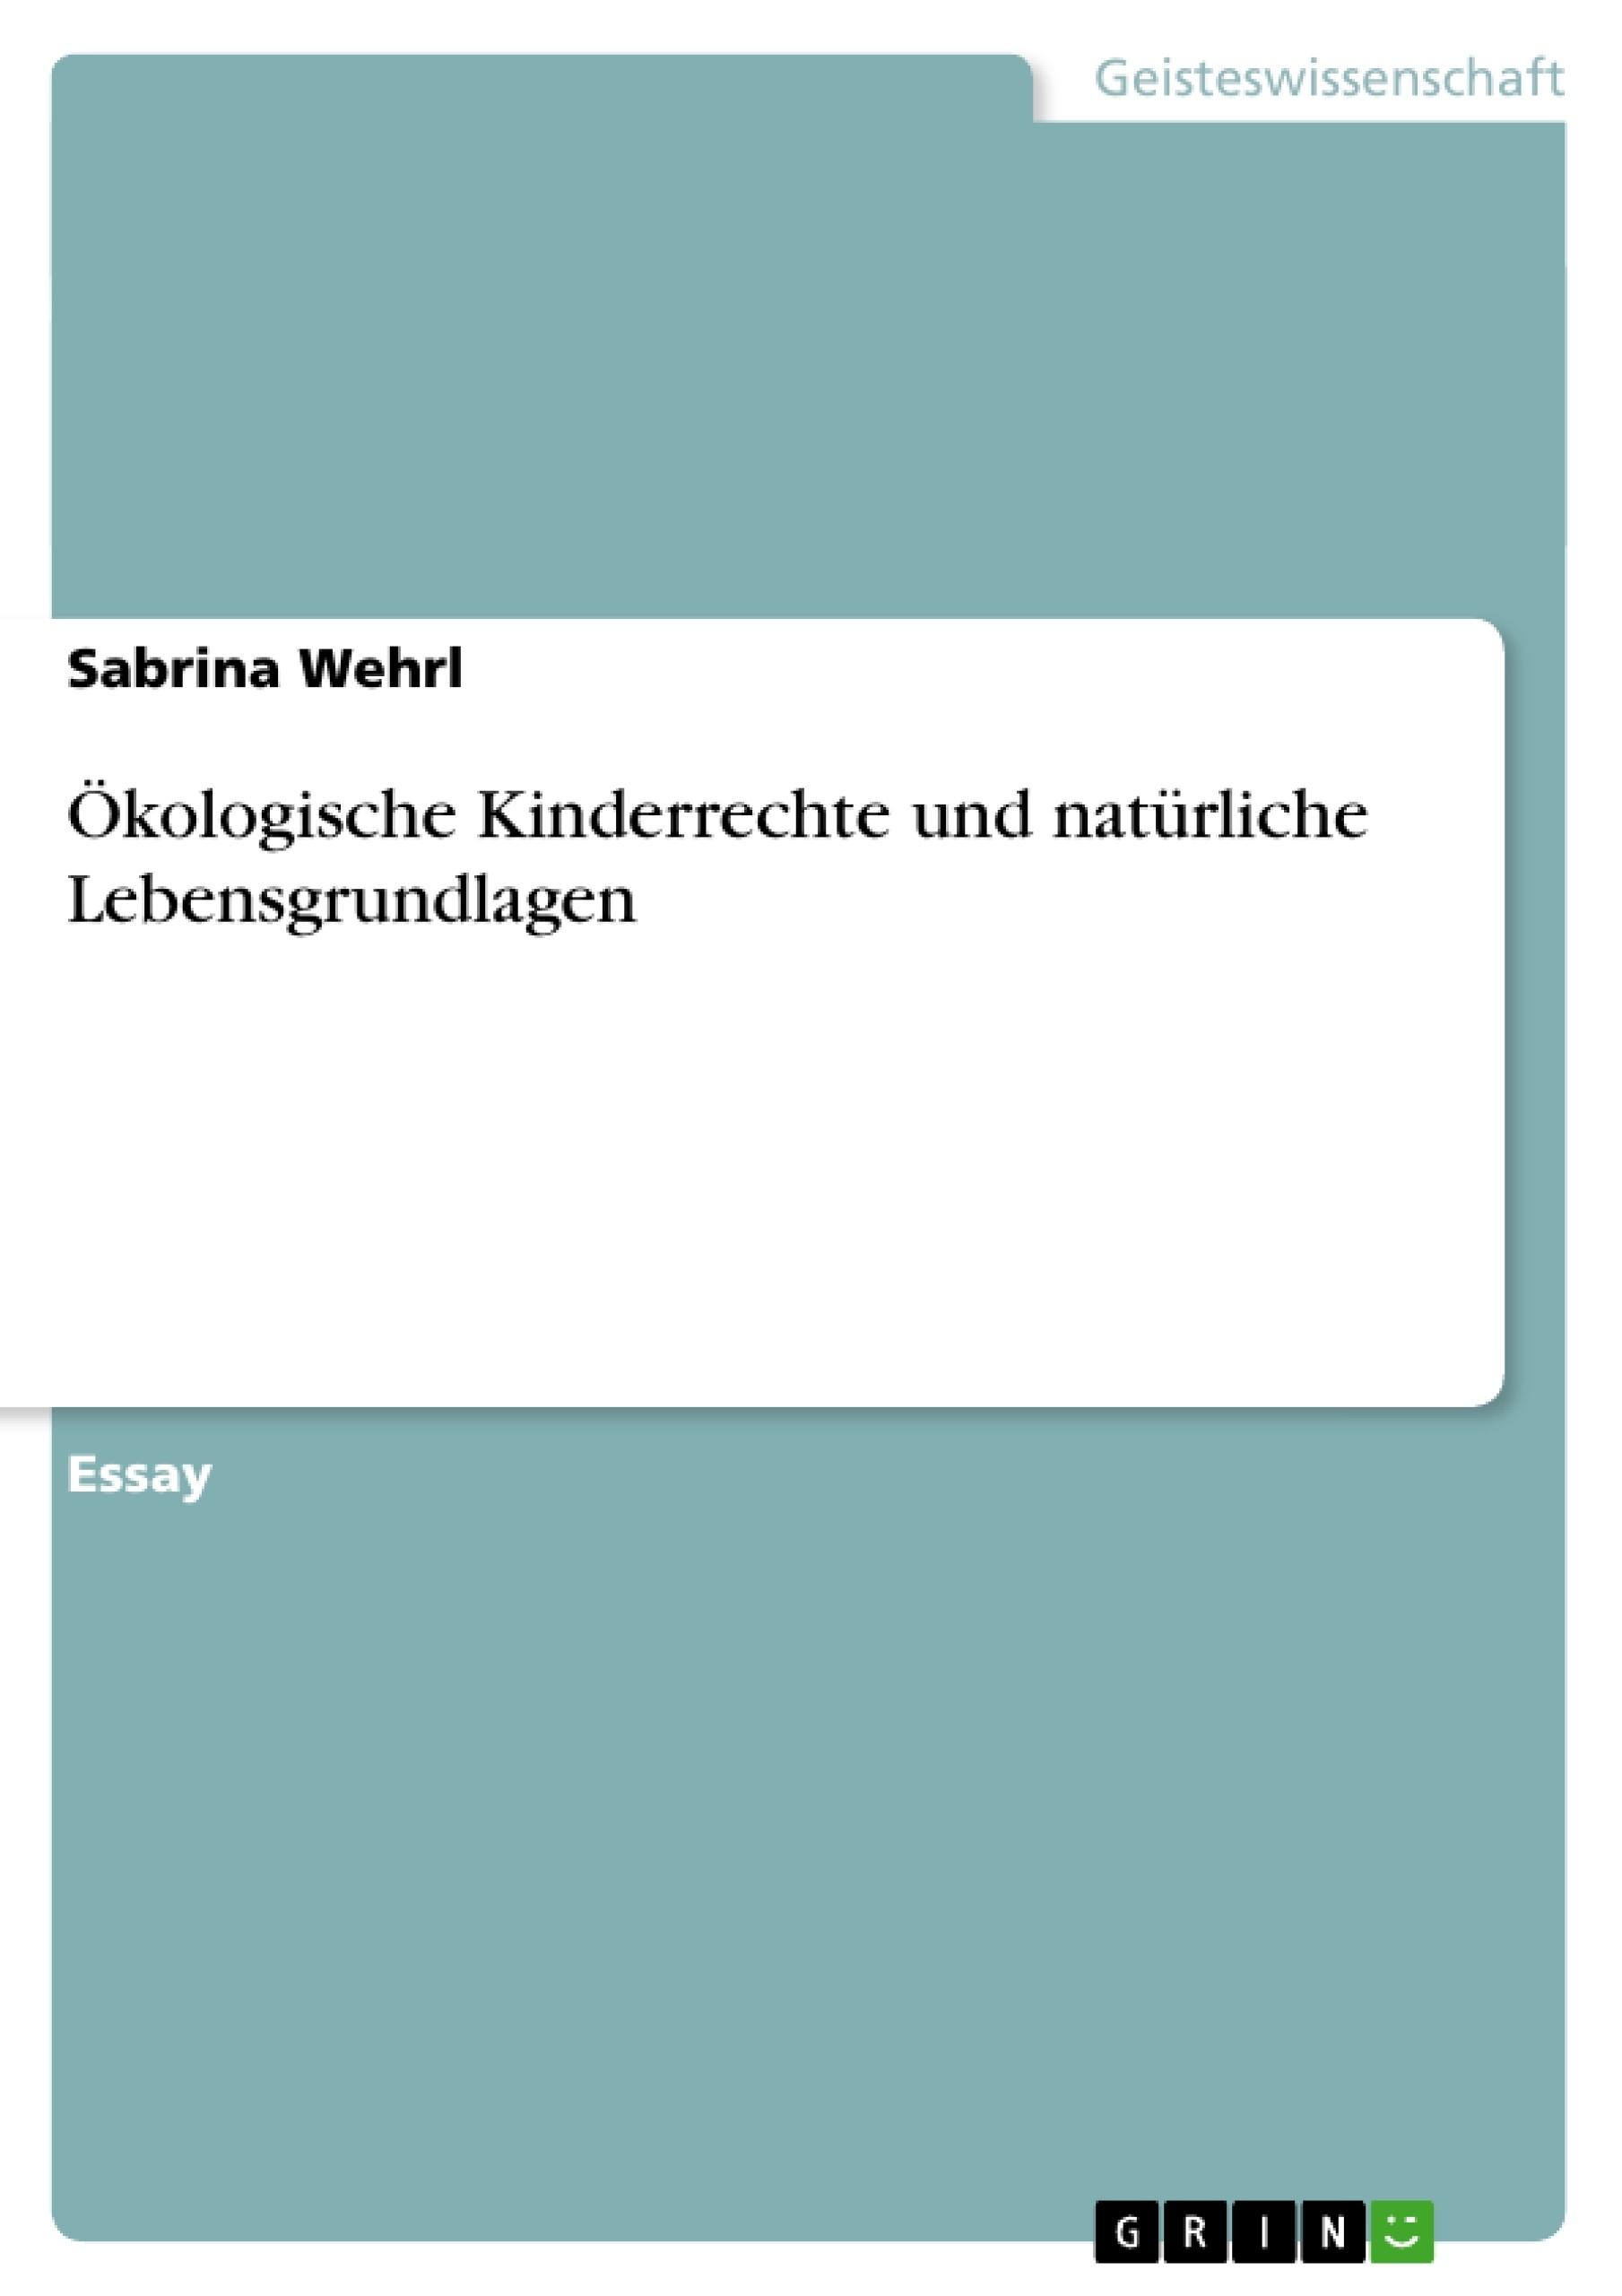 Titel: Ökologische Kinderrechte und natürliche Lebensgrundlagen